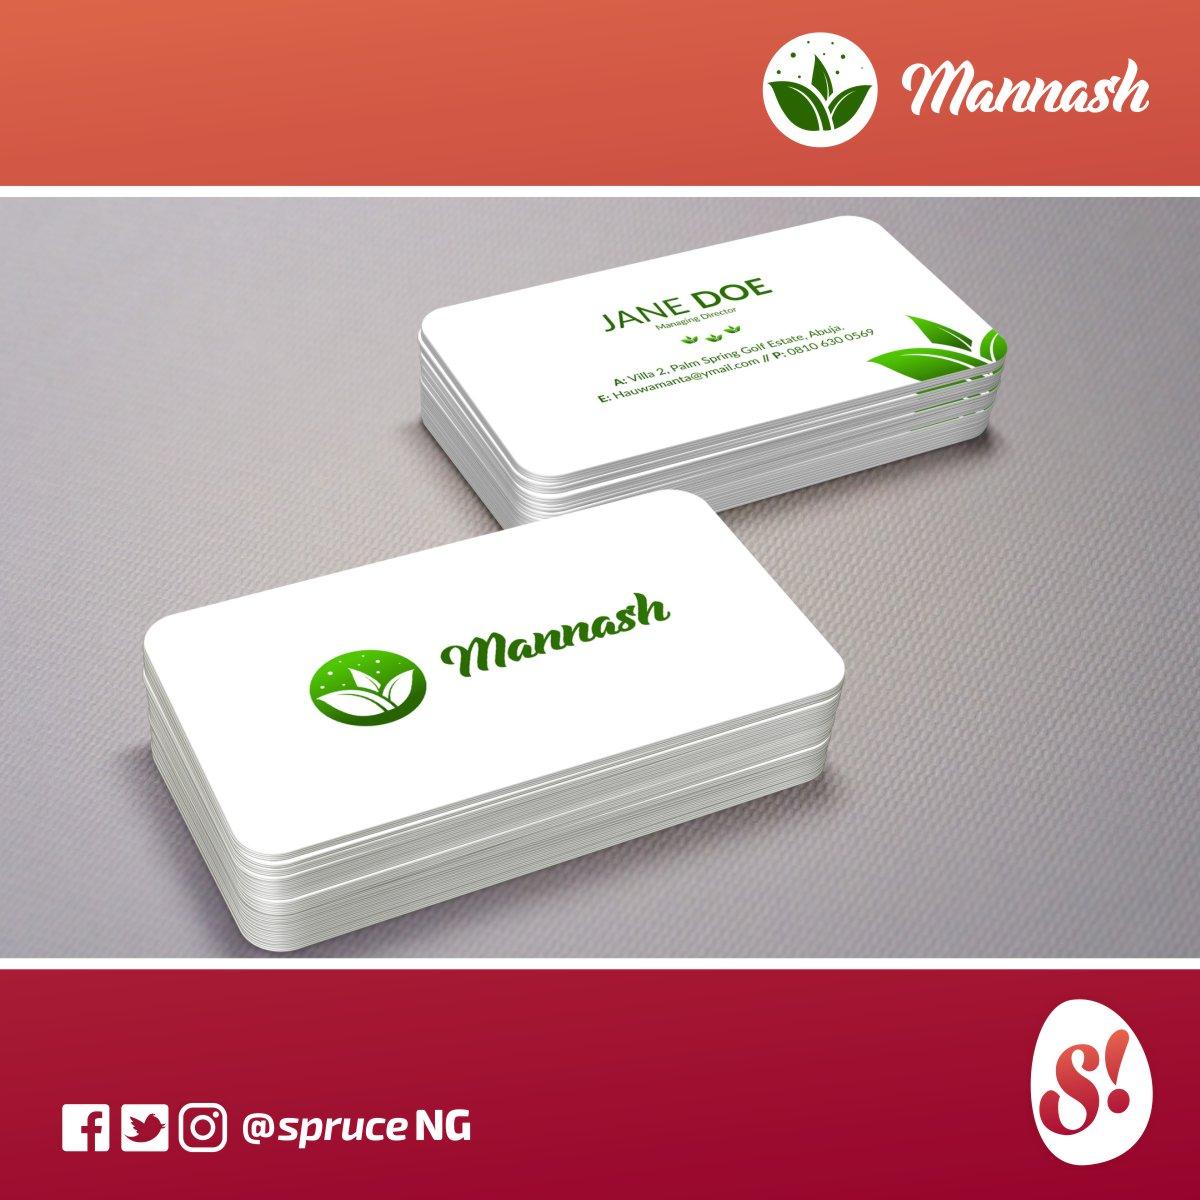 Mannash 4